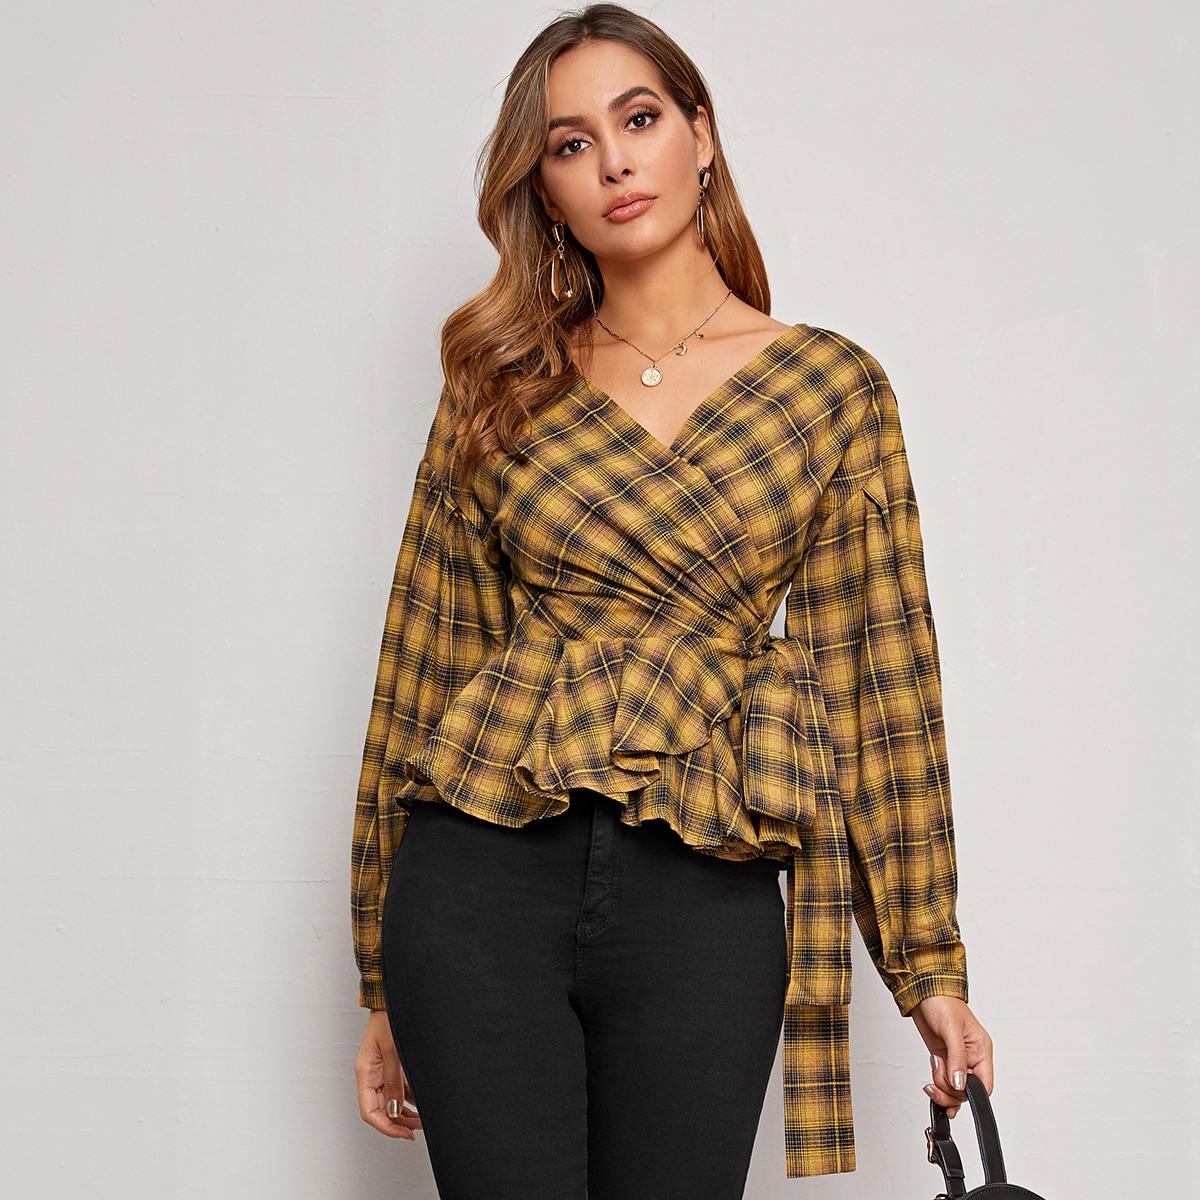 SHEIN / Bluse mit Muster und Knoten